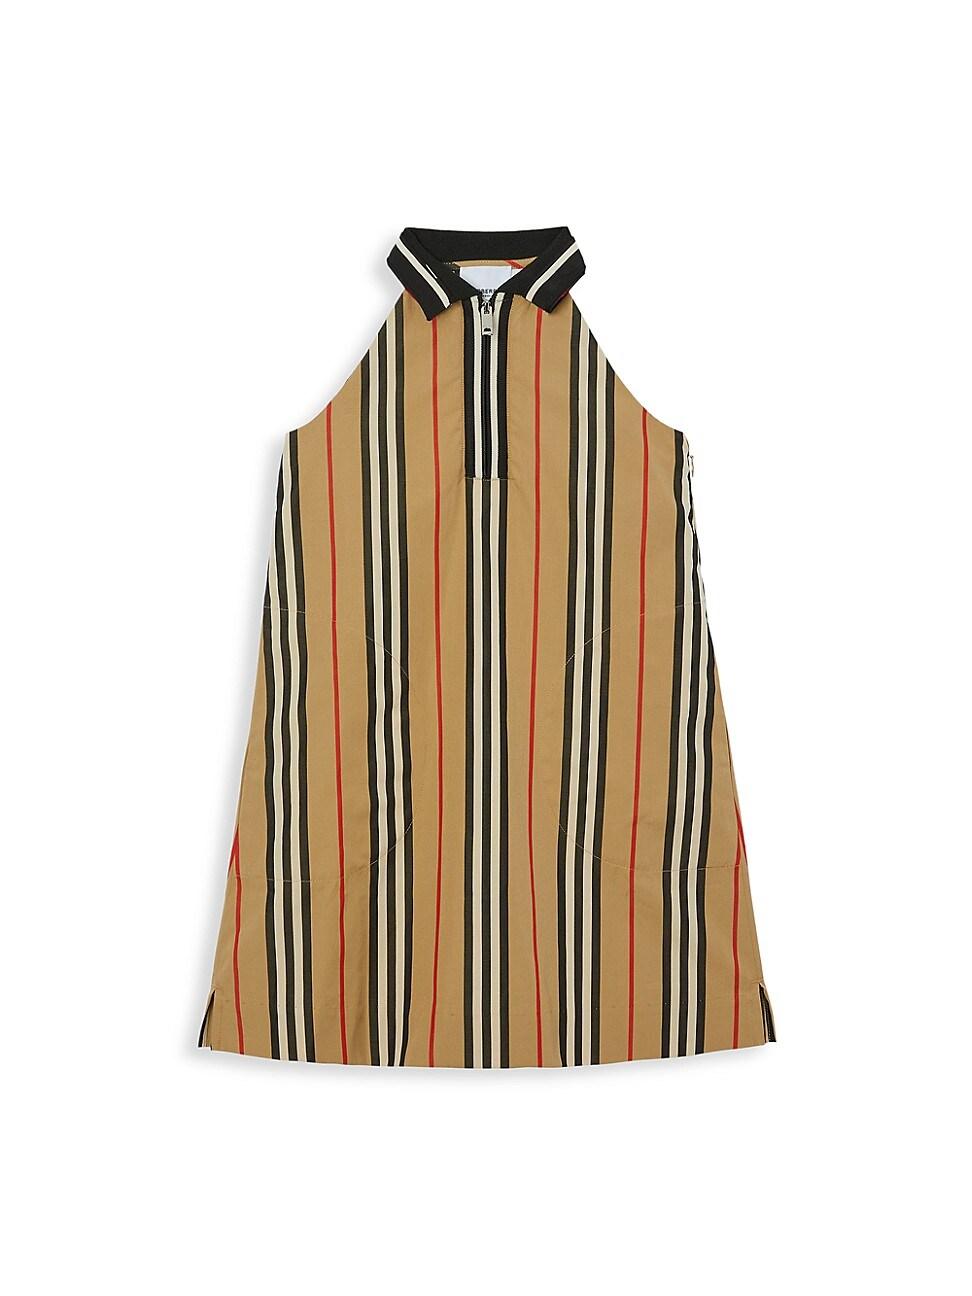 Burberry LITTLE GIRL'S & GIRL'S KAREN POLO ZIP DRESS